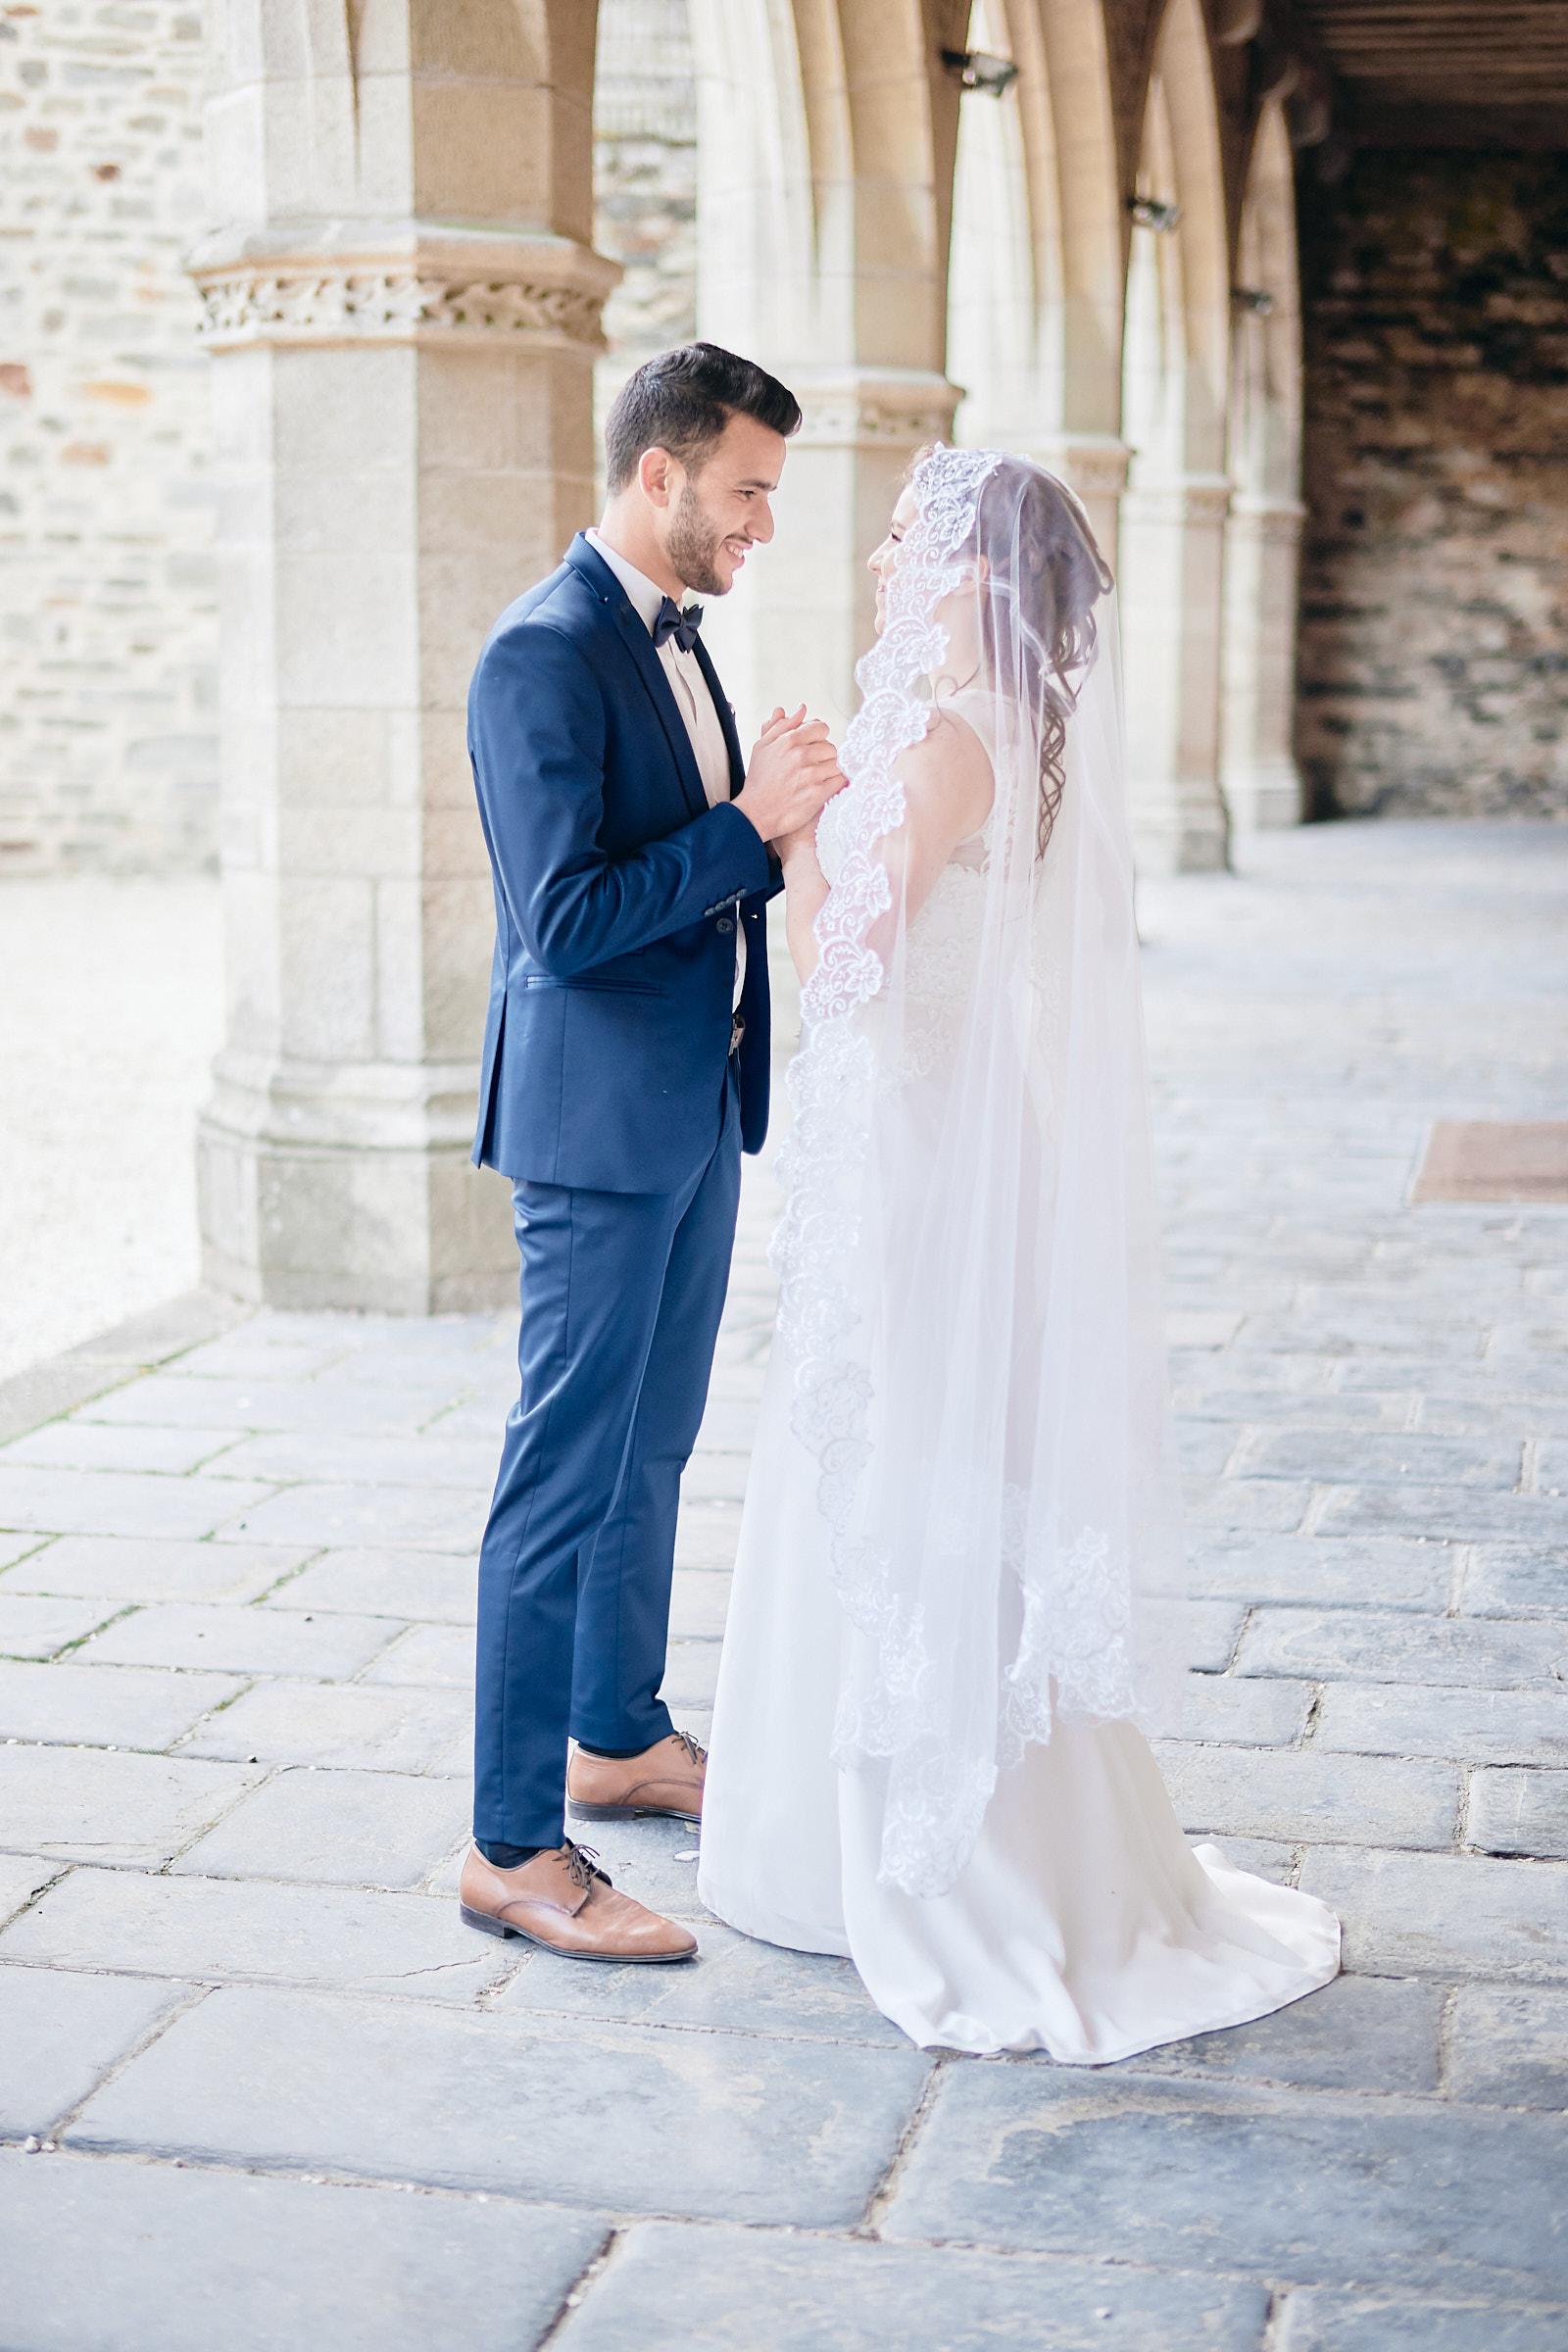 séance couple sous les arcade du chateau de vitré le jour du mariage